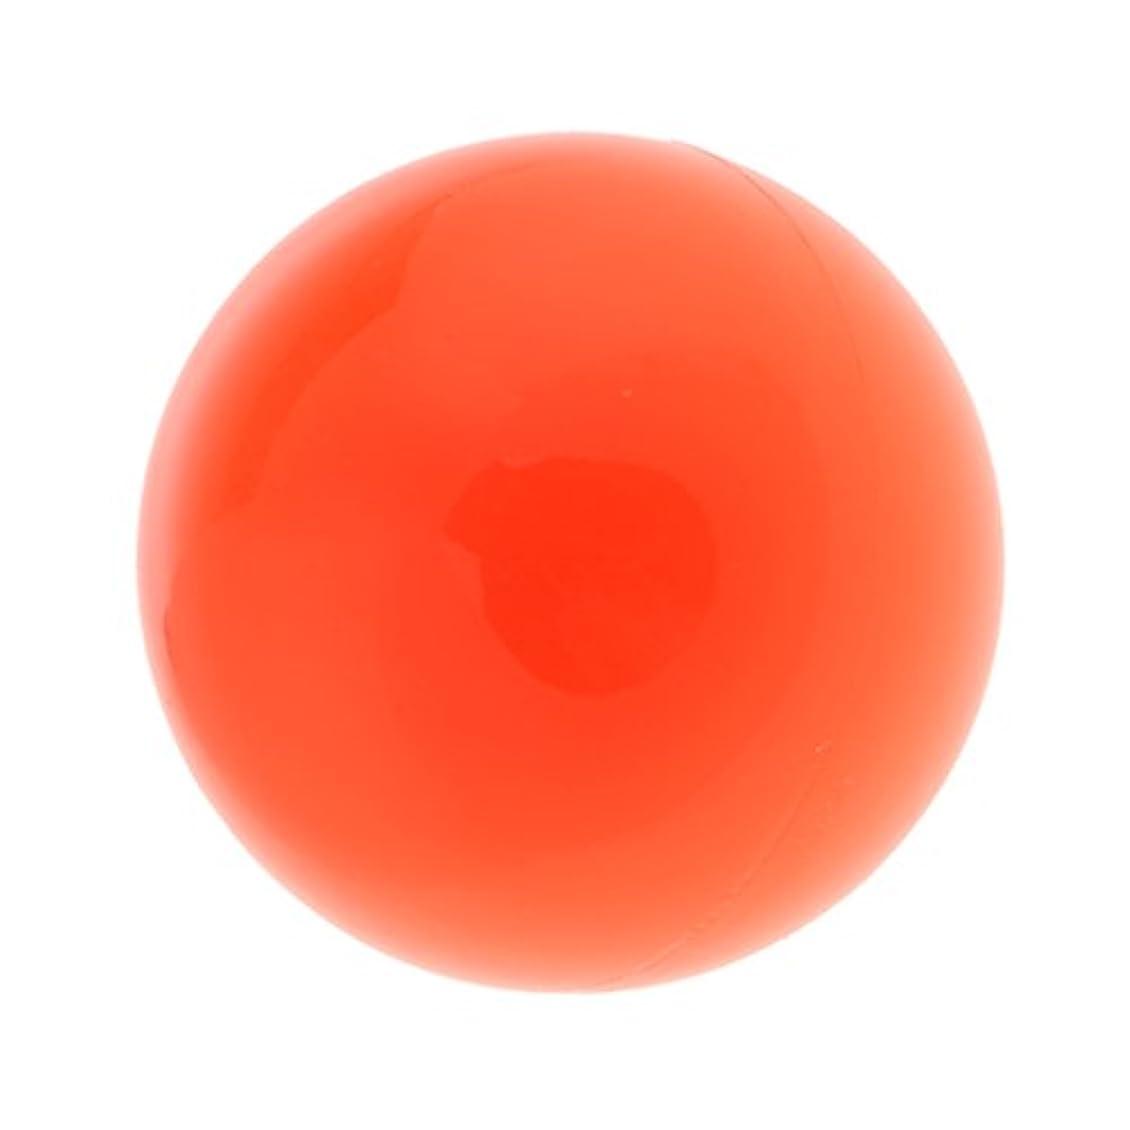 栄光修正ヒゲクジララクロスマッサージボール マッサージボール マッサージ 手のひら 足 腕 首 背中 足首 ジム ホーム 便利 オレンジ